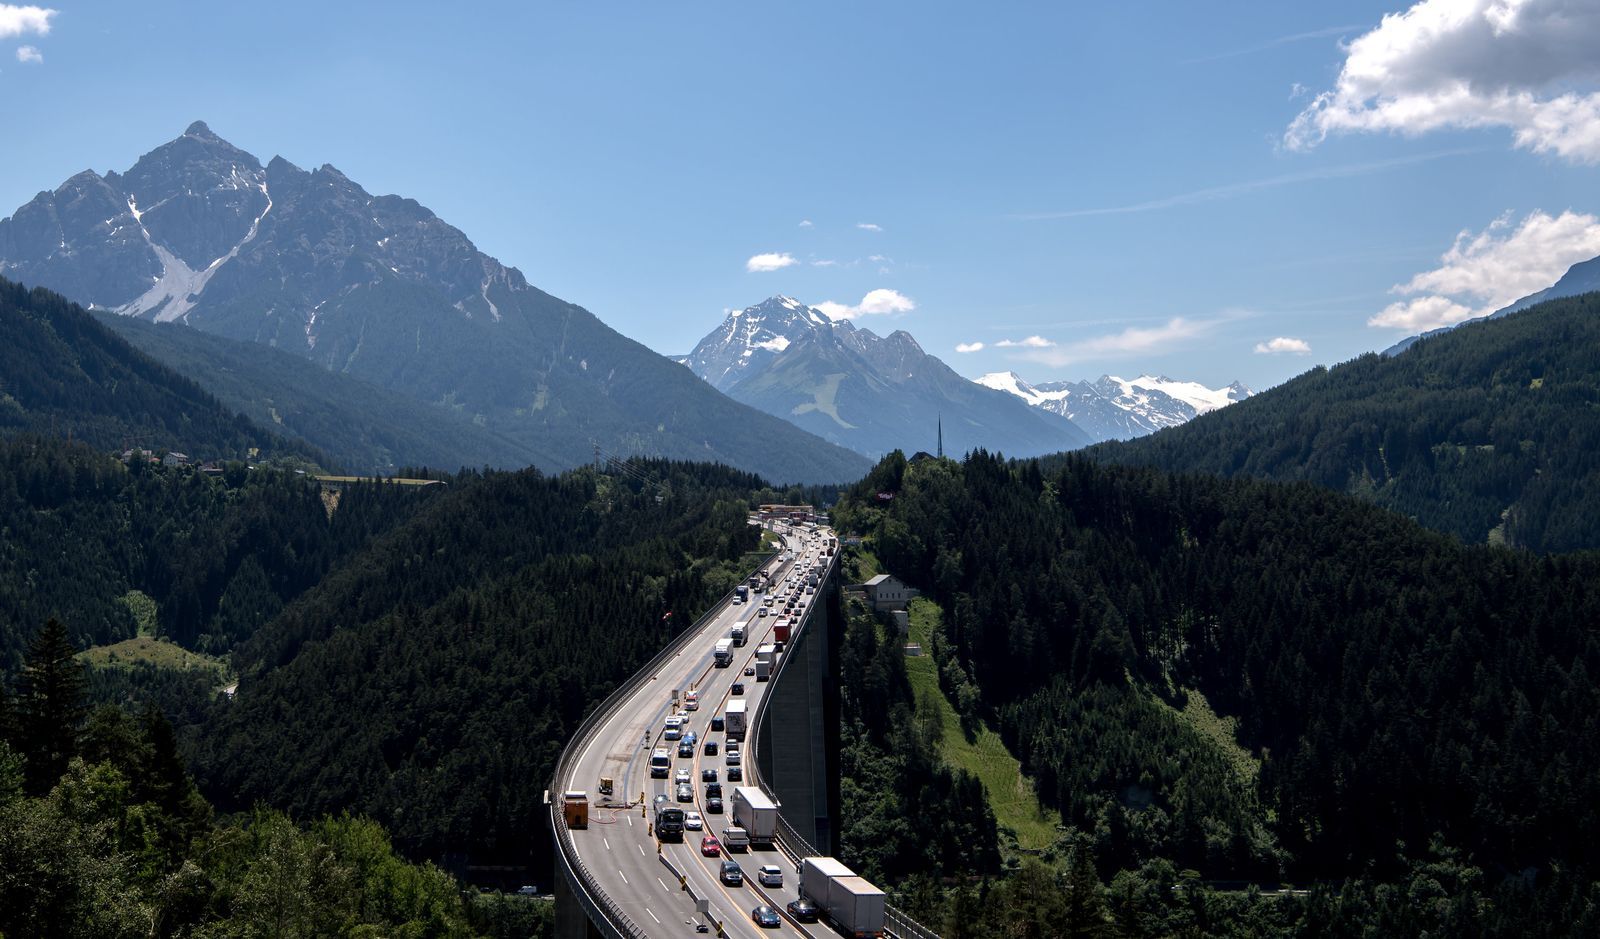 Tirol / Brenner / Europabrücke